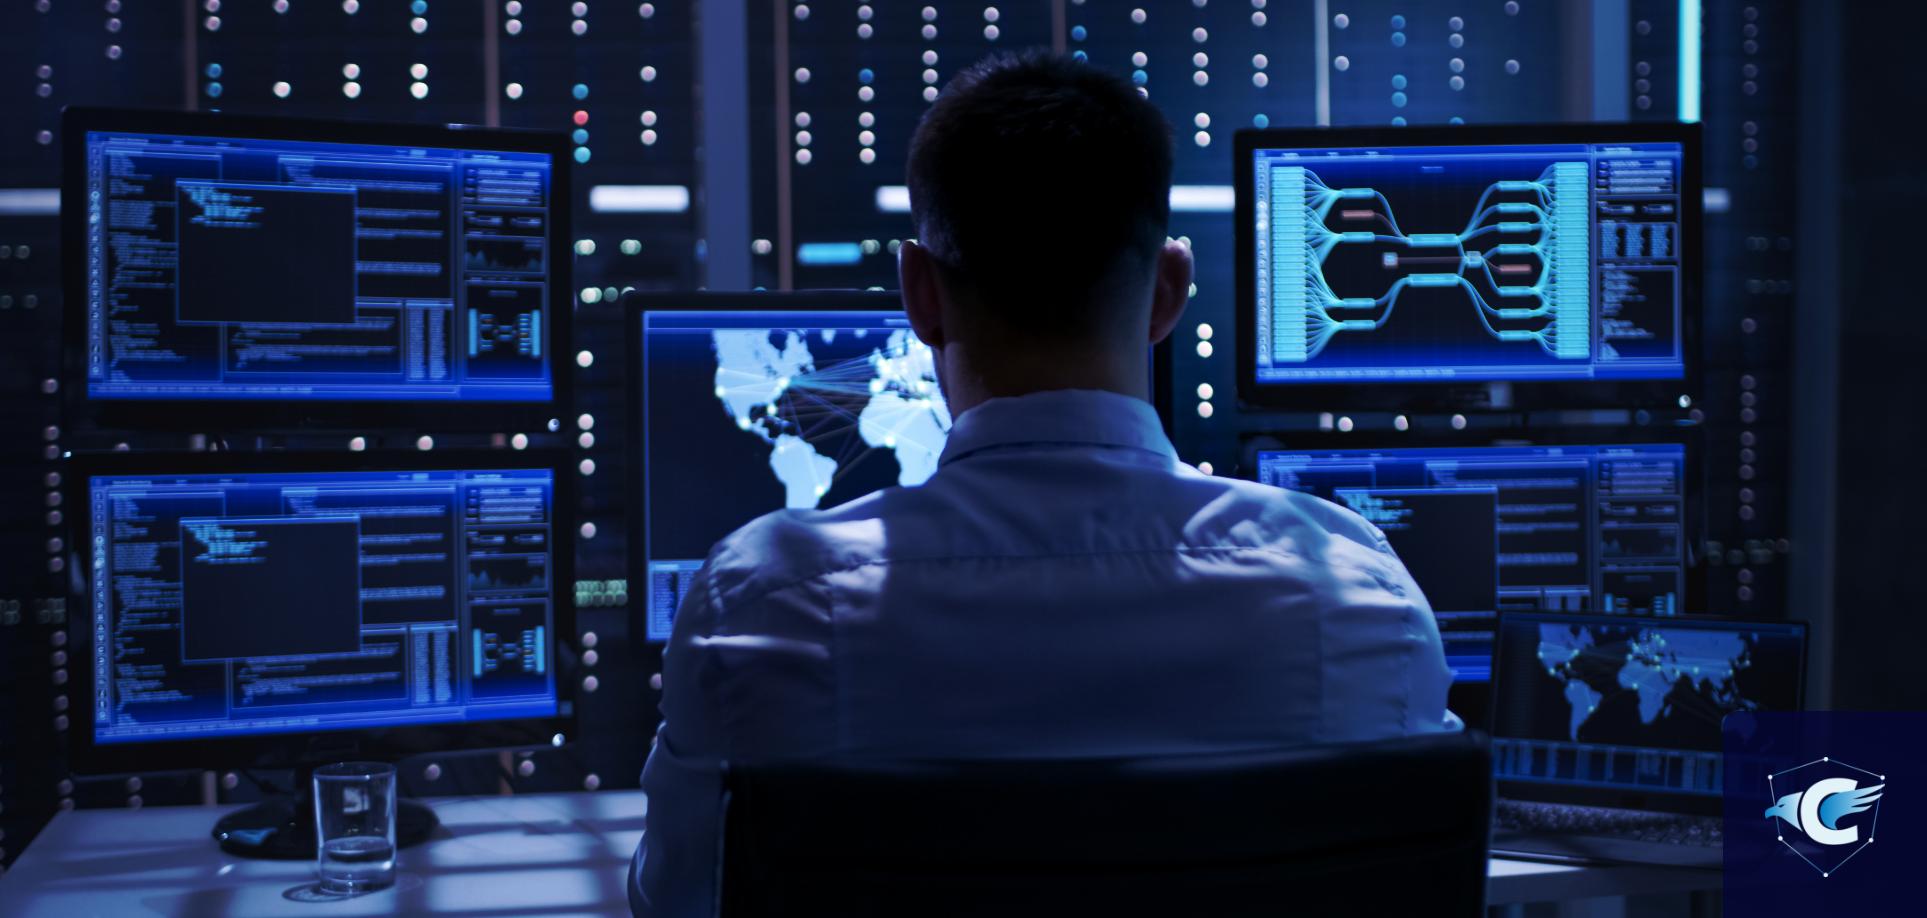 La Cybersécurité, son importance